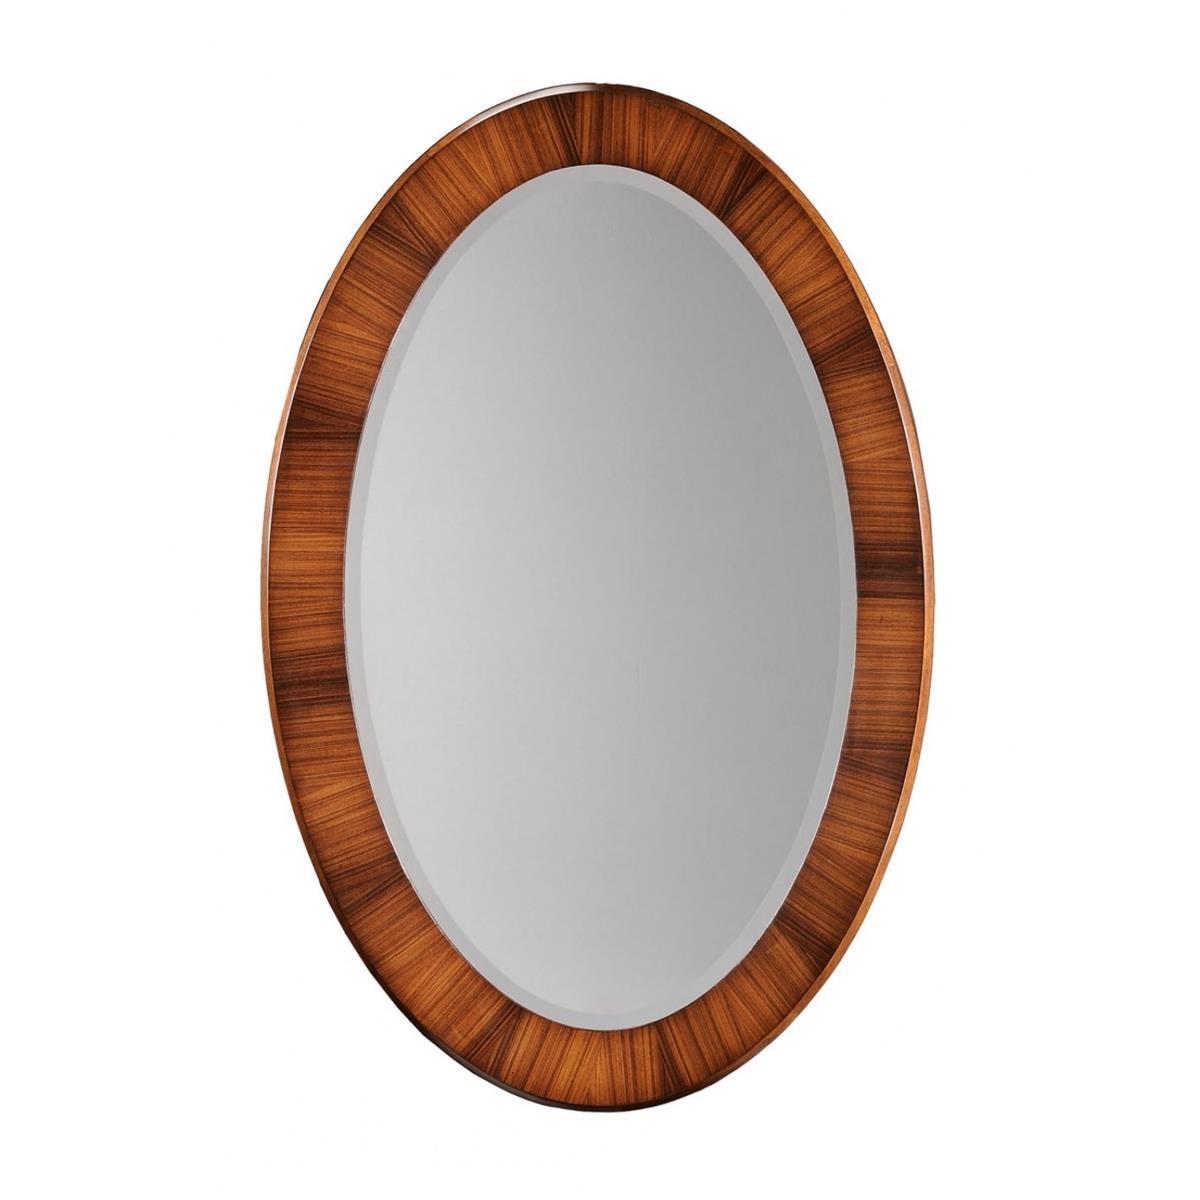 494073 Santos Rosewood Oval Mirror (Satin) - на 360.ru: цены, описание, характеристики, где купить в Москве.